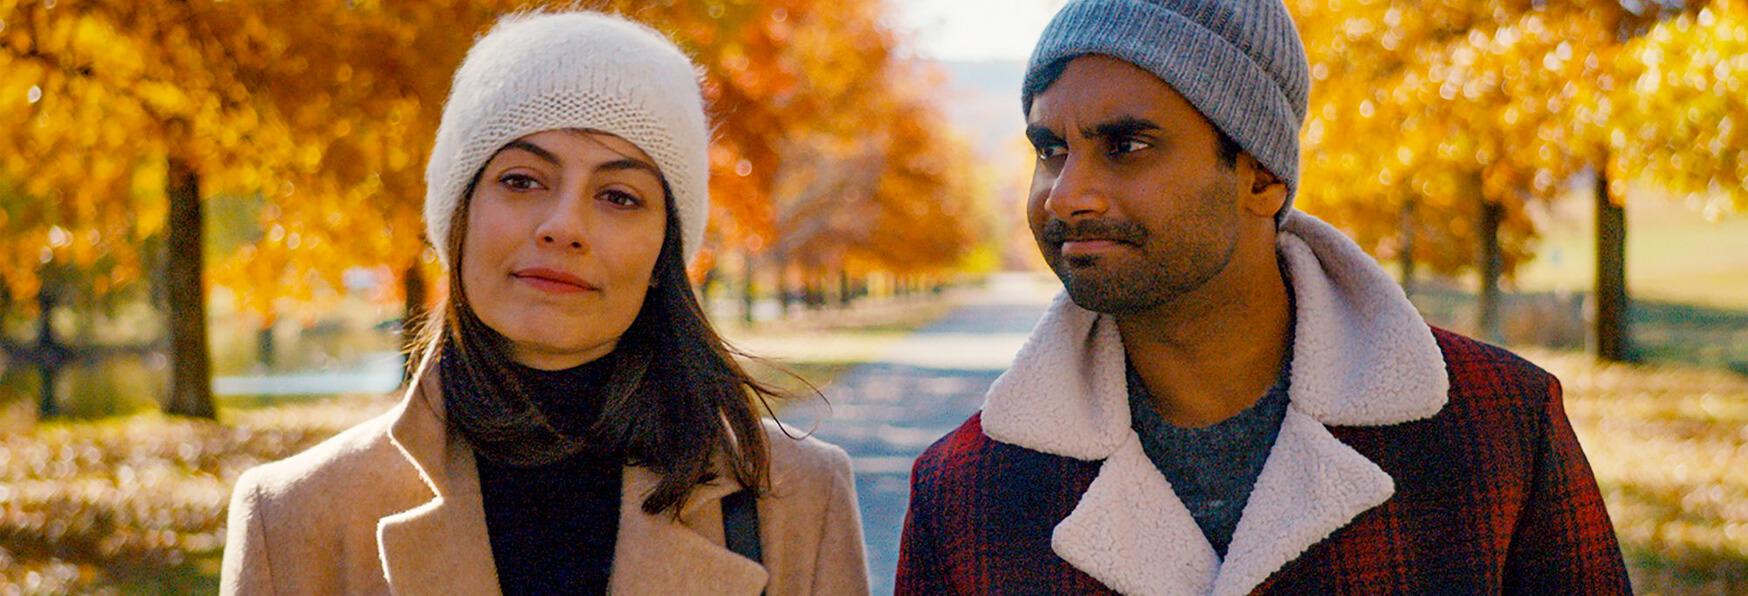 Master of None: Netflix non intende rompere i rapporti con Aziz Ansari